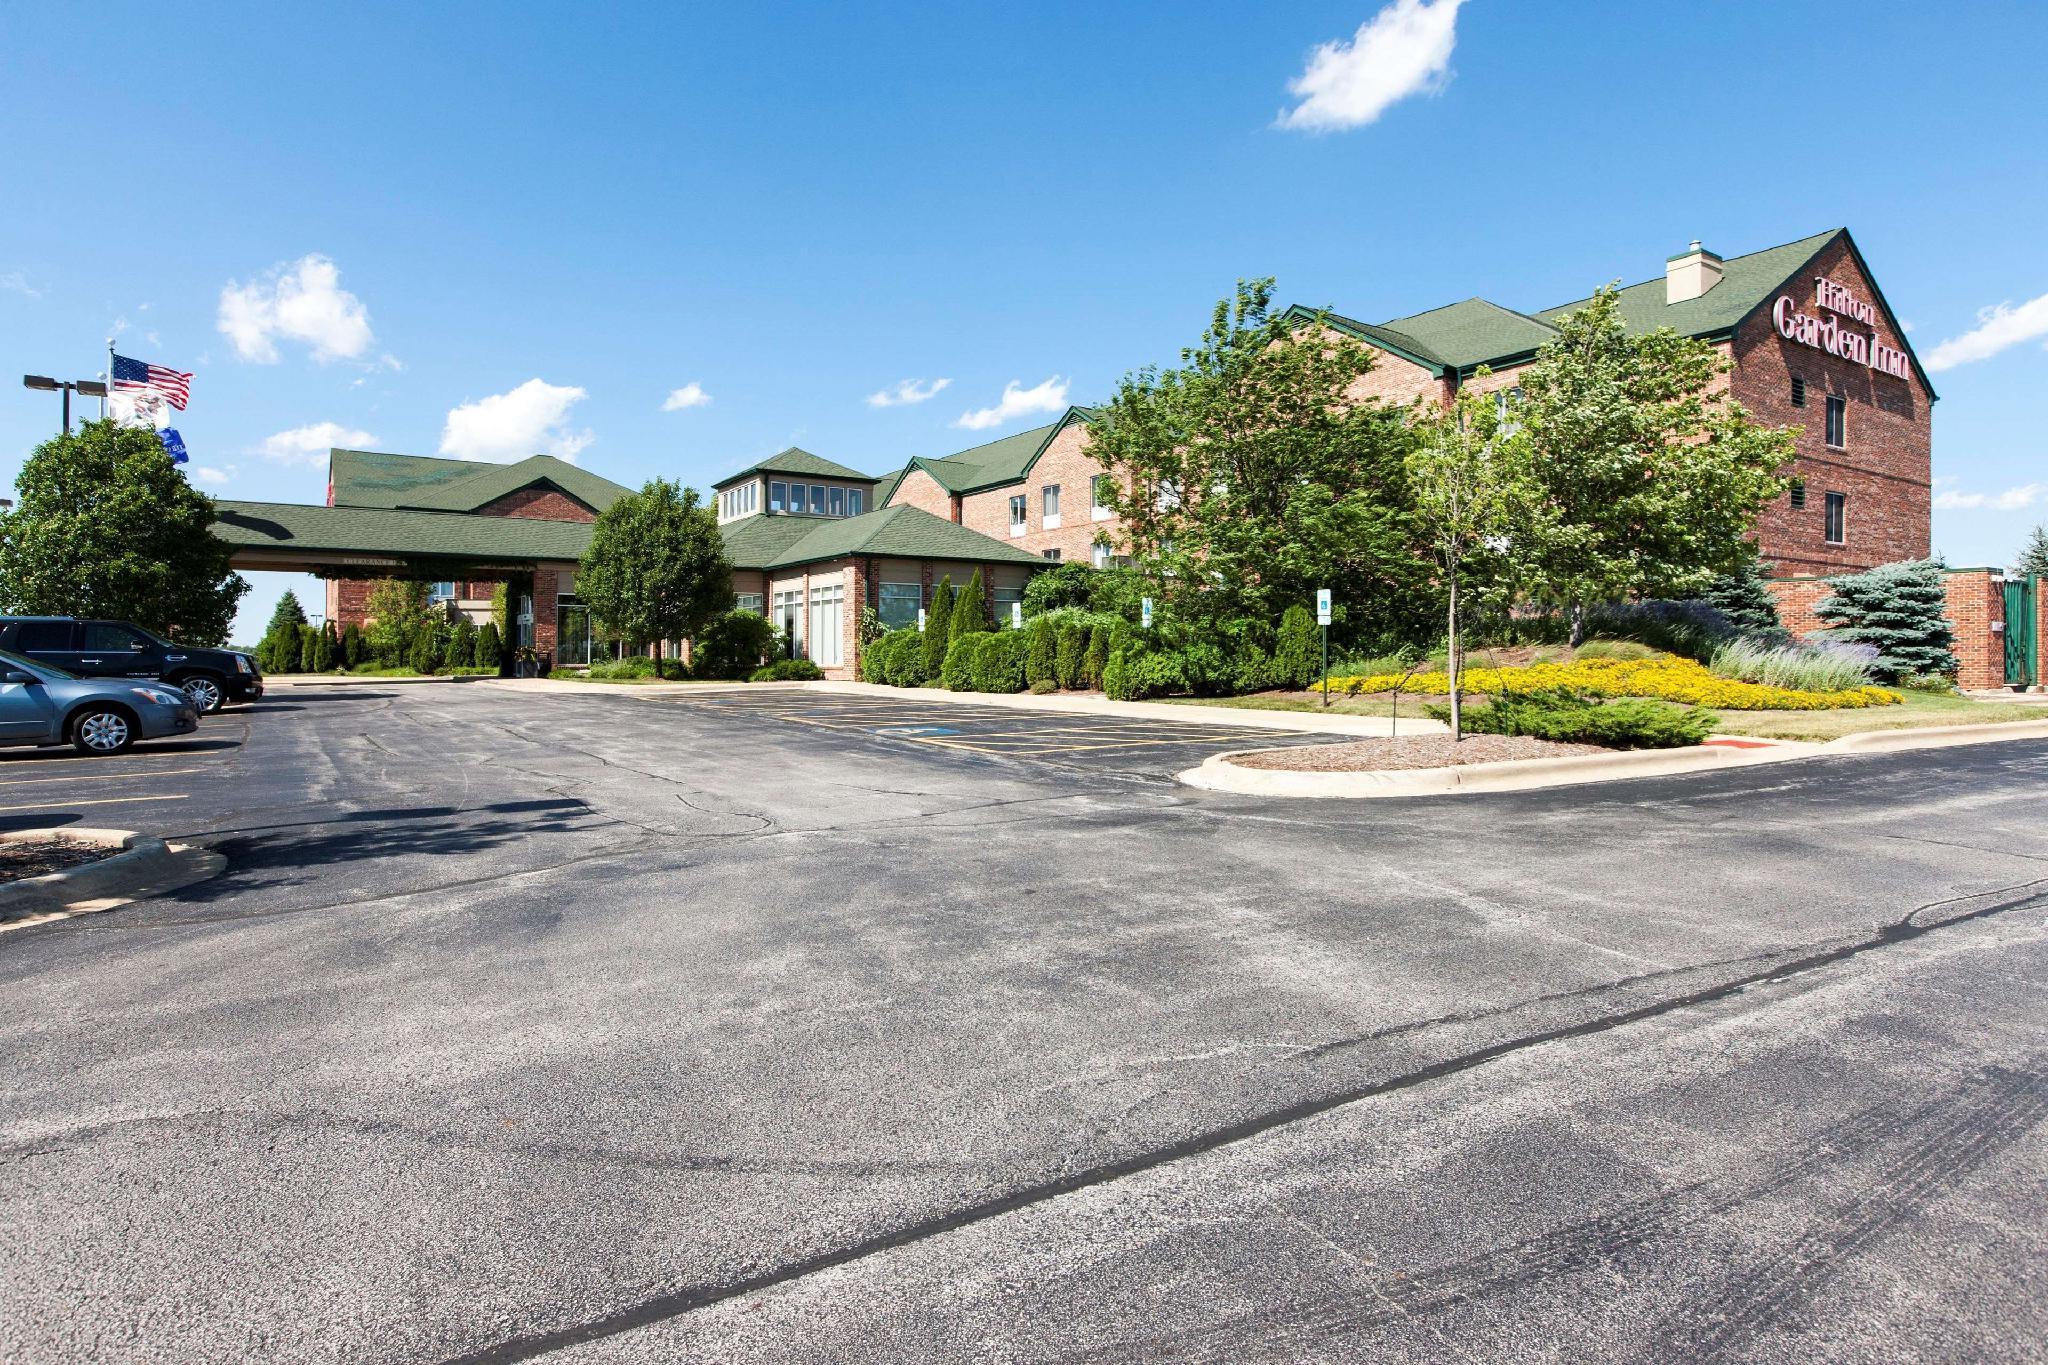 More About Hilton Garden Inn Chicago Tinley Park